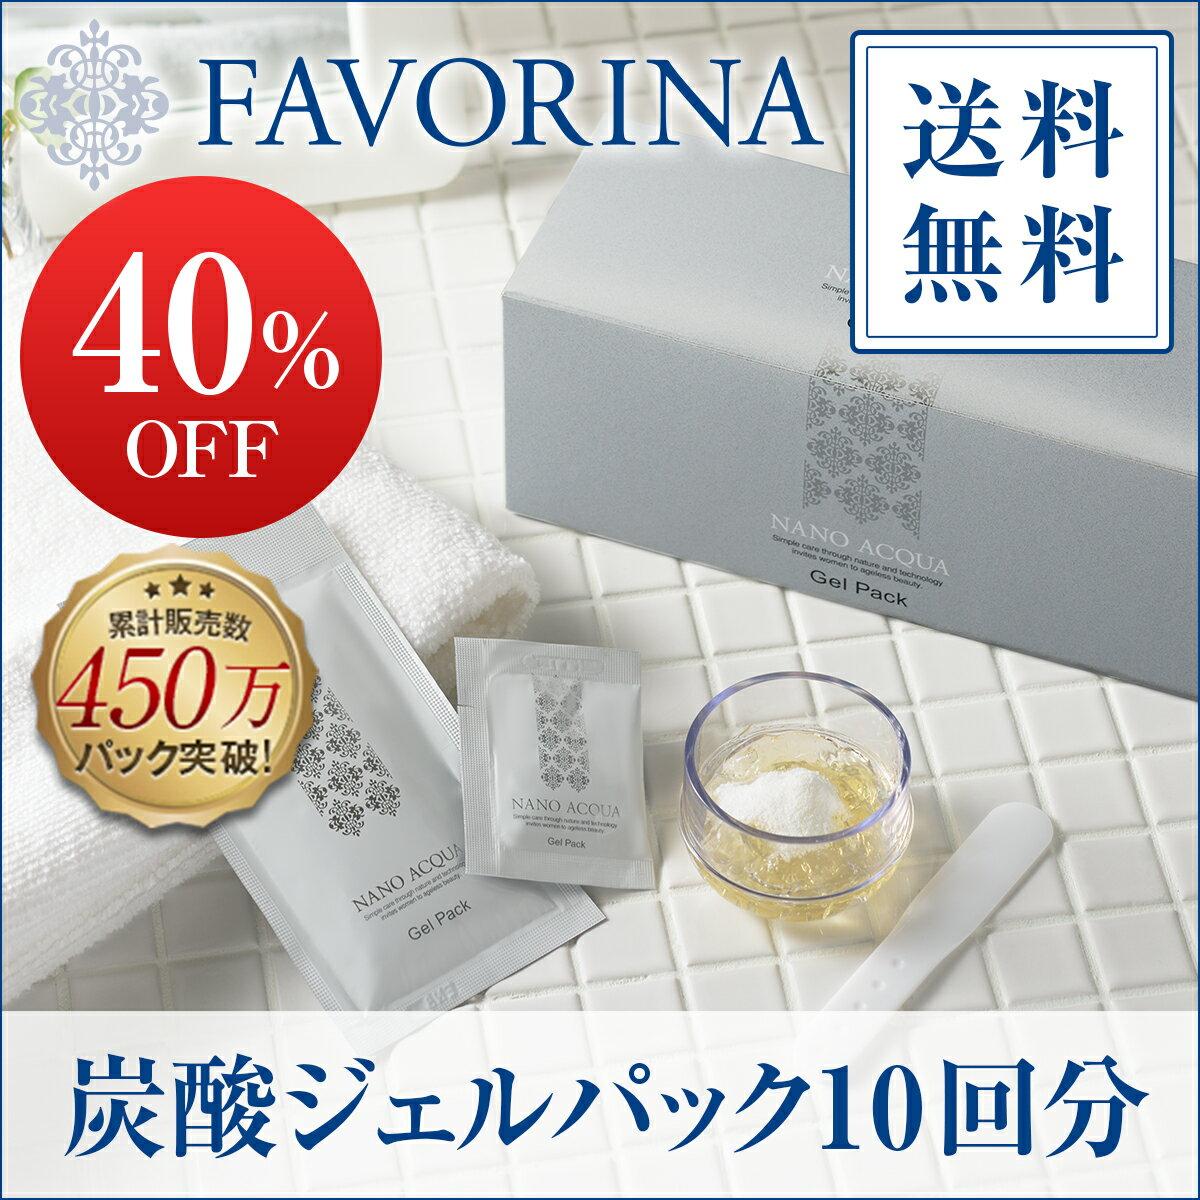 《 約40%OFF 》フェヴリナ 炭酸ジェルパック 無添加 10回分 【送料無料】ナノアクア FAVORINA ( Co2 ジェル パック)